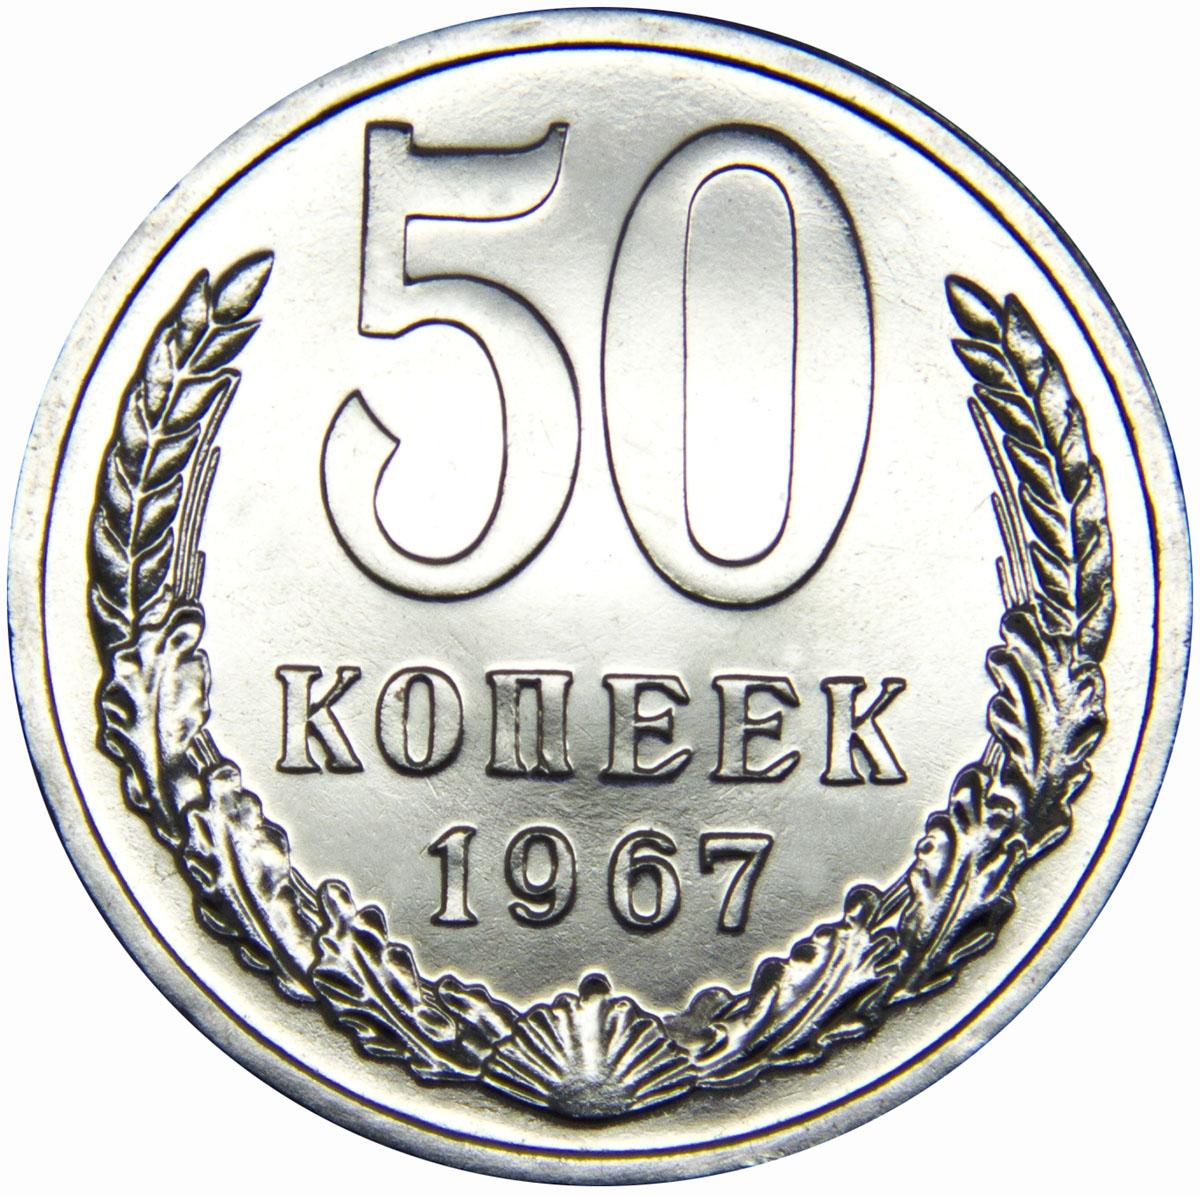 Монета номиналом 50 копеек. Медно-никелевый сплав. Сохранность UNC. СССР, 1967 год739Диаметр монеты: 24 мм Вес: 4,4 г. Материал: медь-никель Гурт: надпись